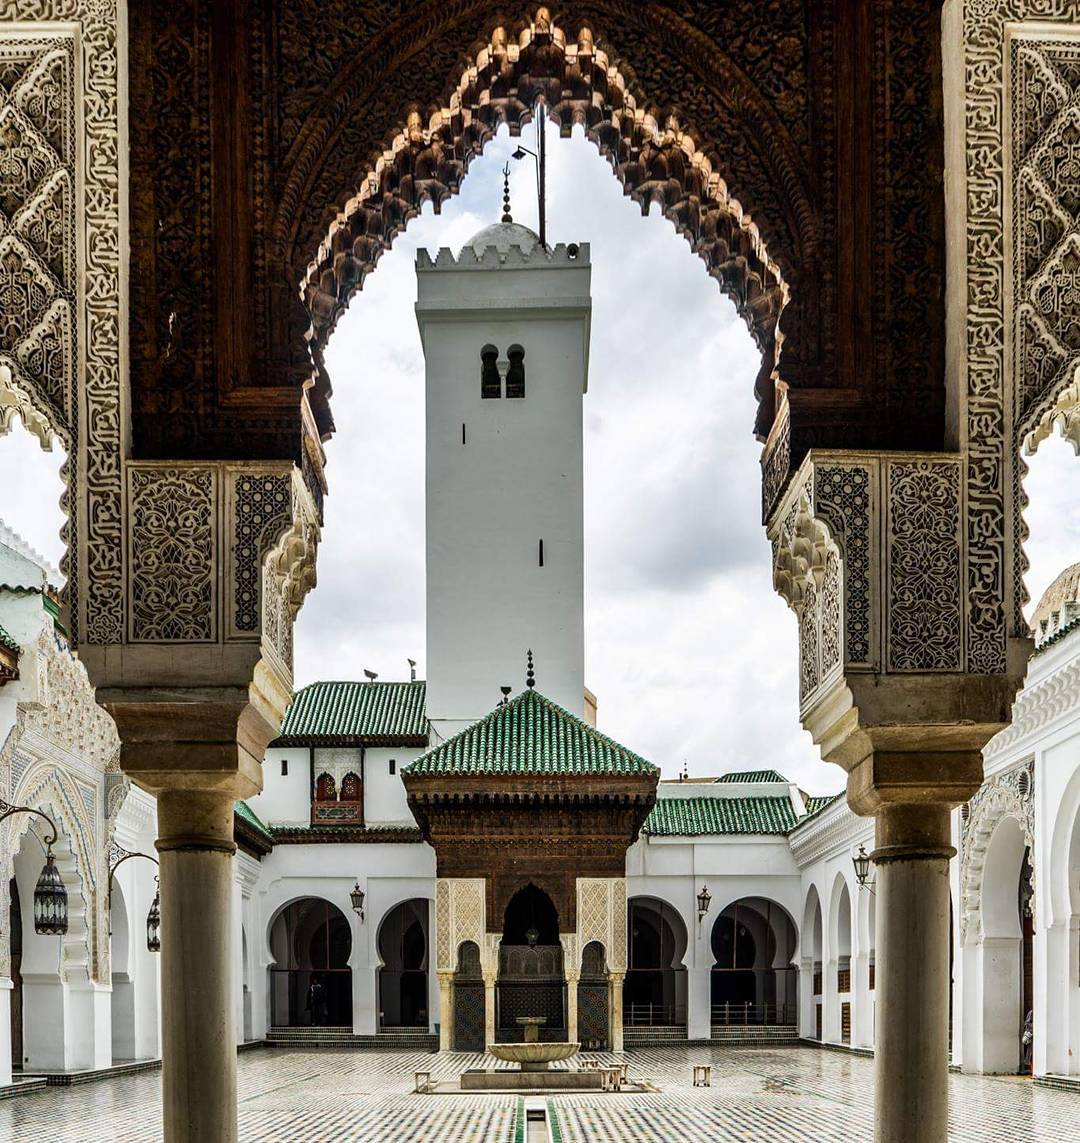 University of al-Qarawiyyin - Wikipedia